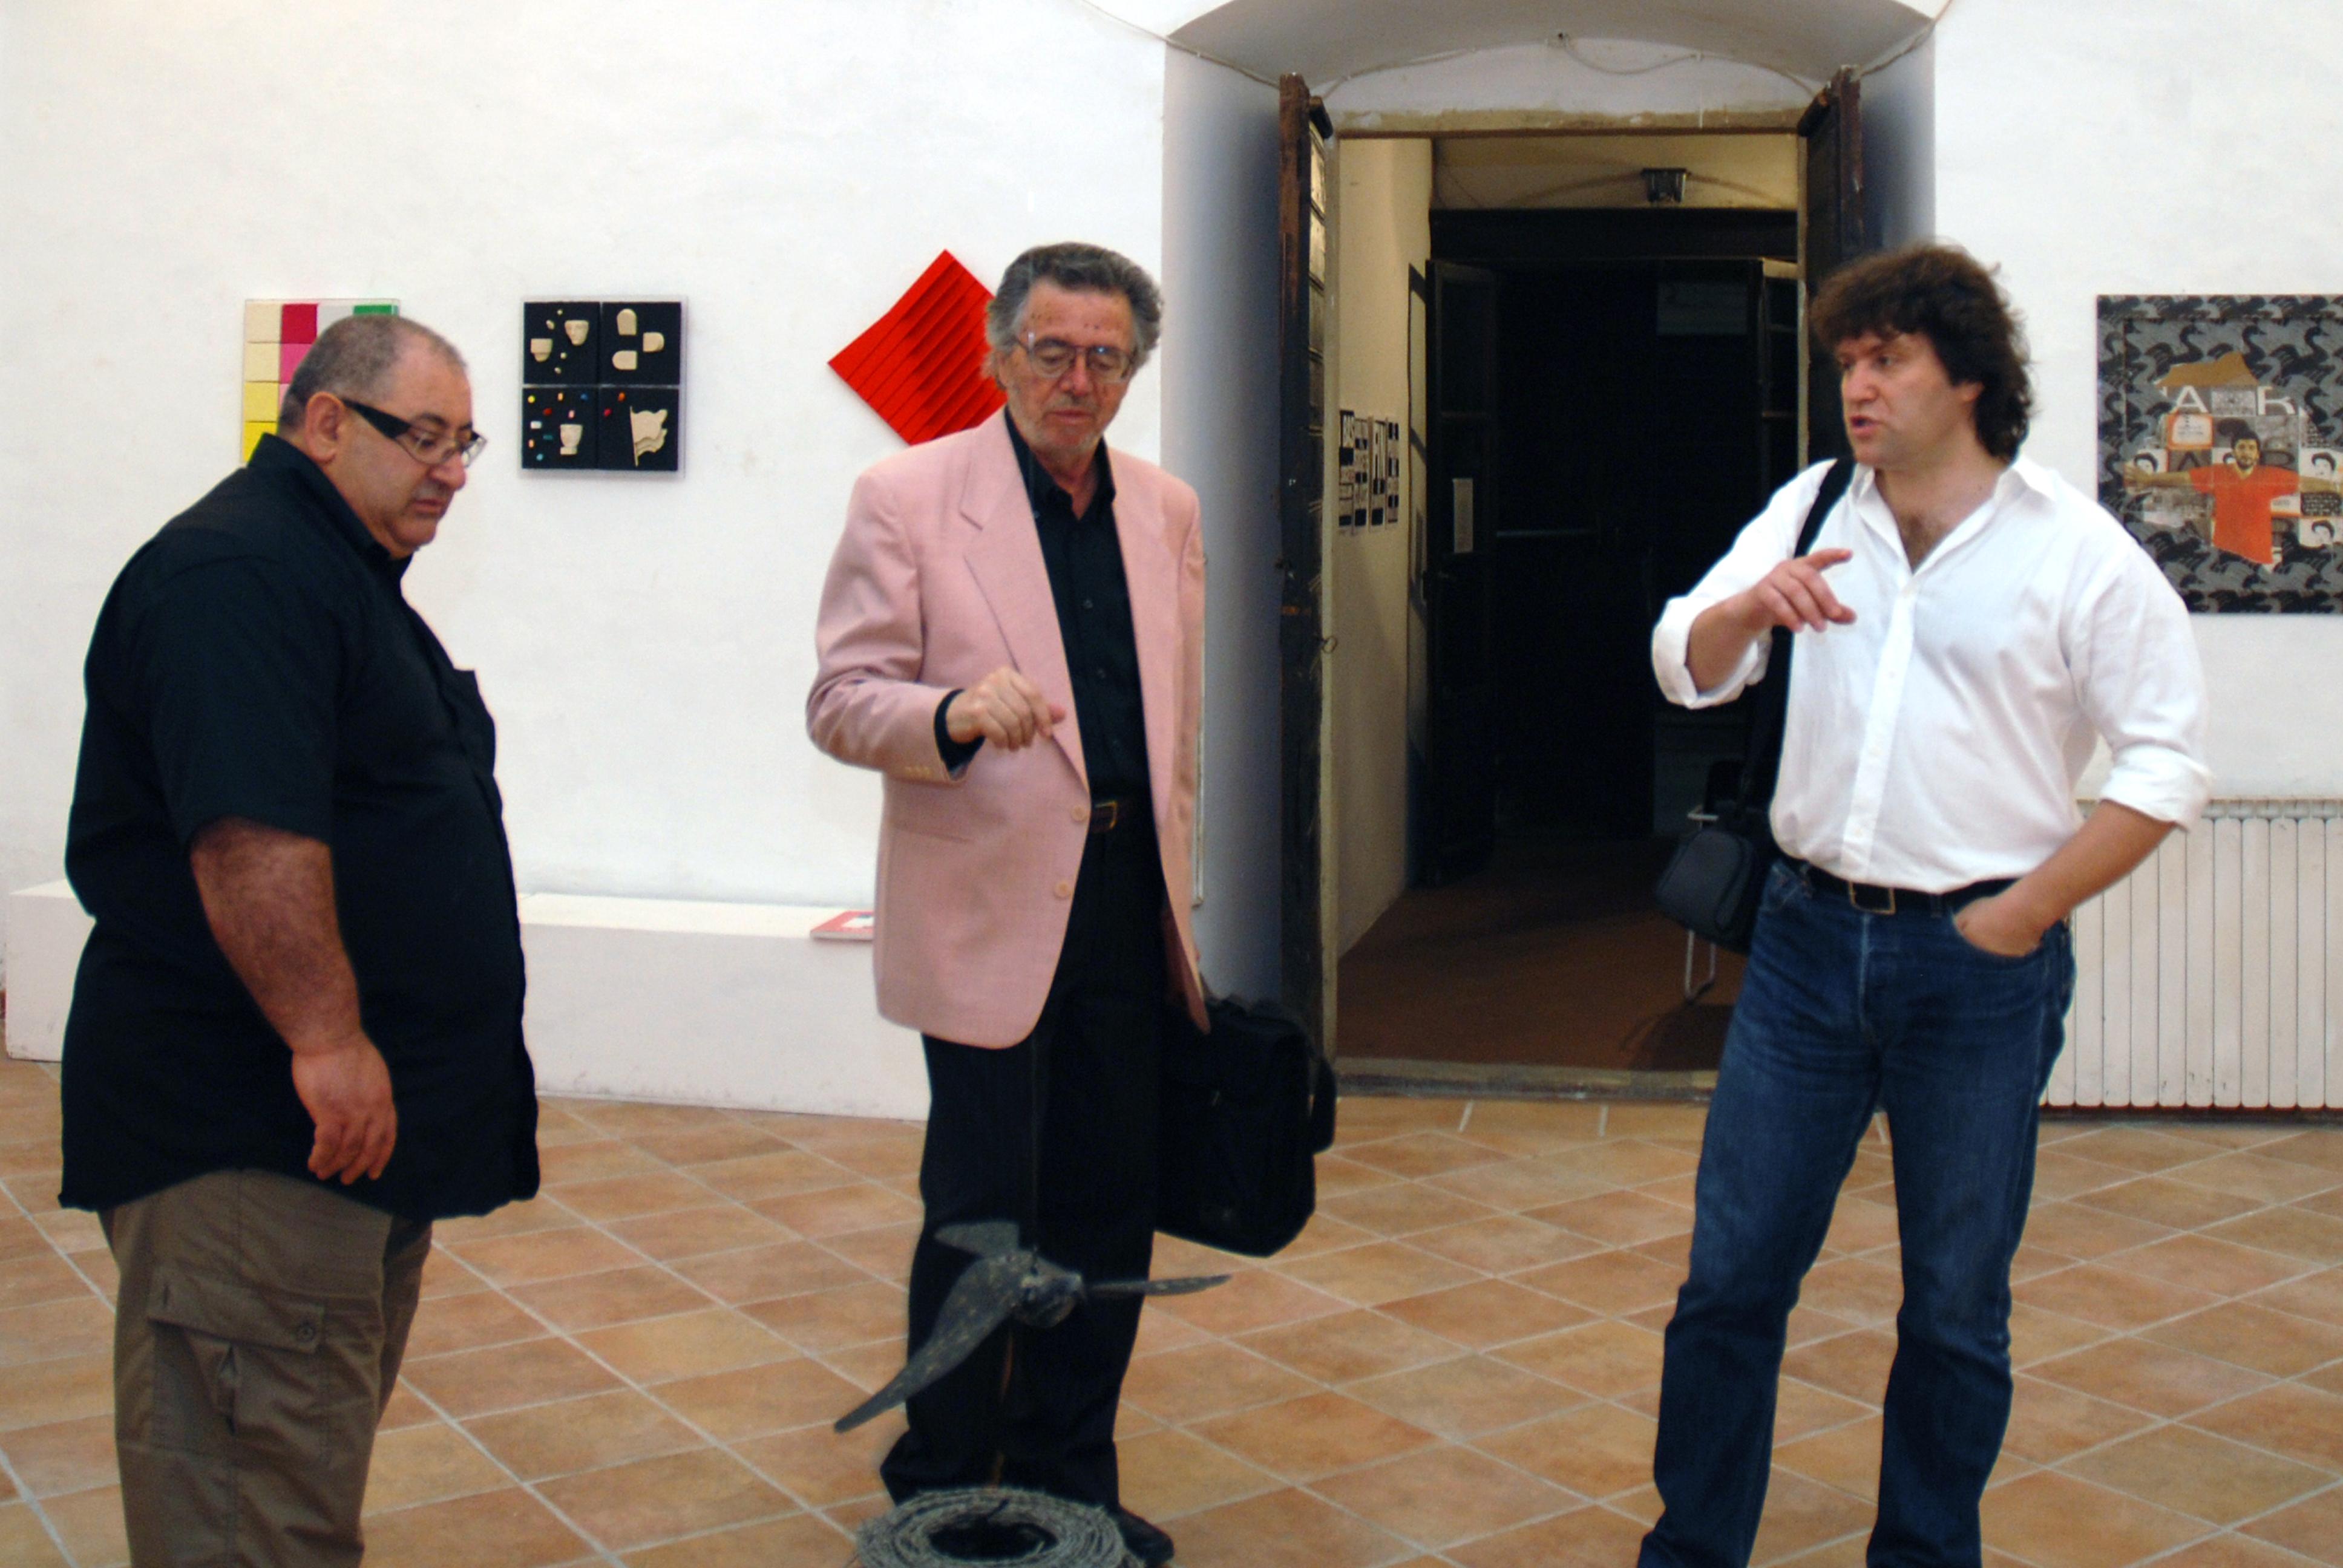 Da sinistra Robbio,Gasberrini, Tramontano al vernissage della mostra L'immaginazione al potere